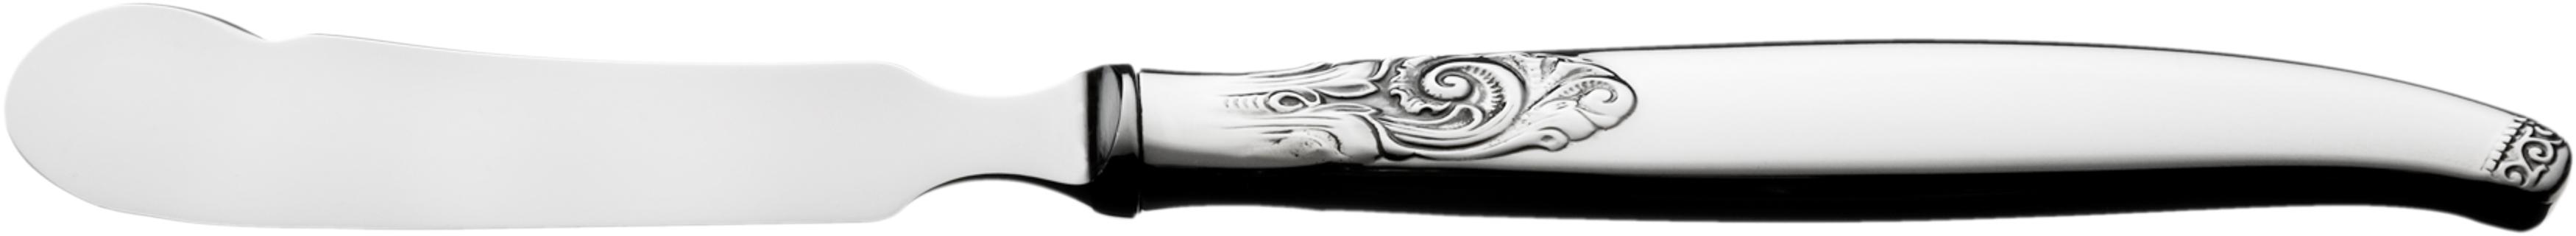 Smørkniv med stålklinge, Tele sølvbestikk